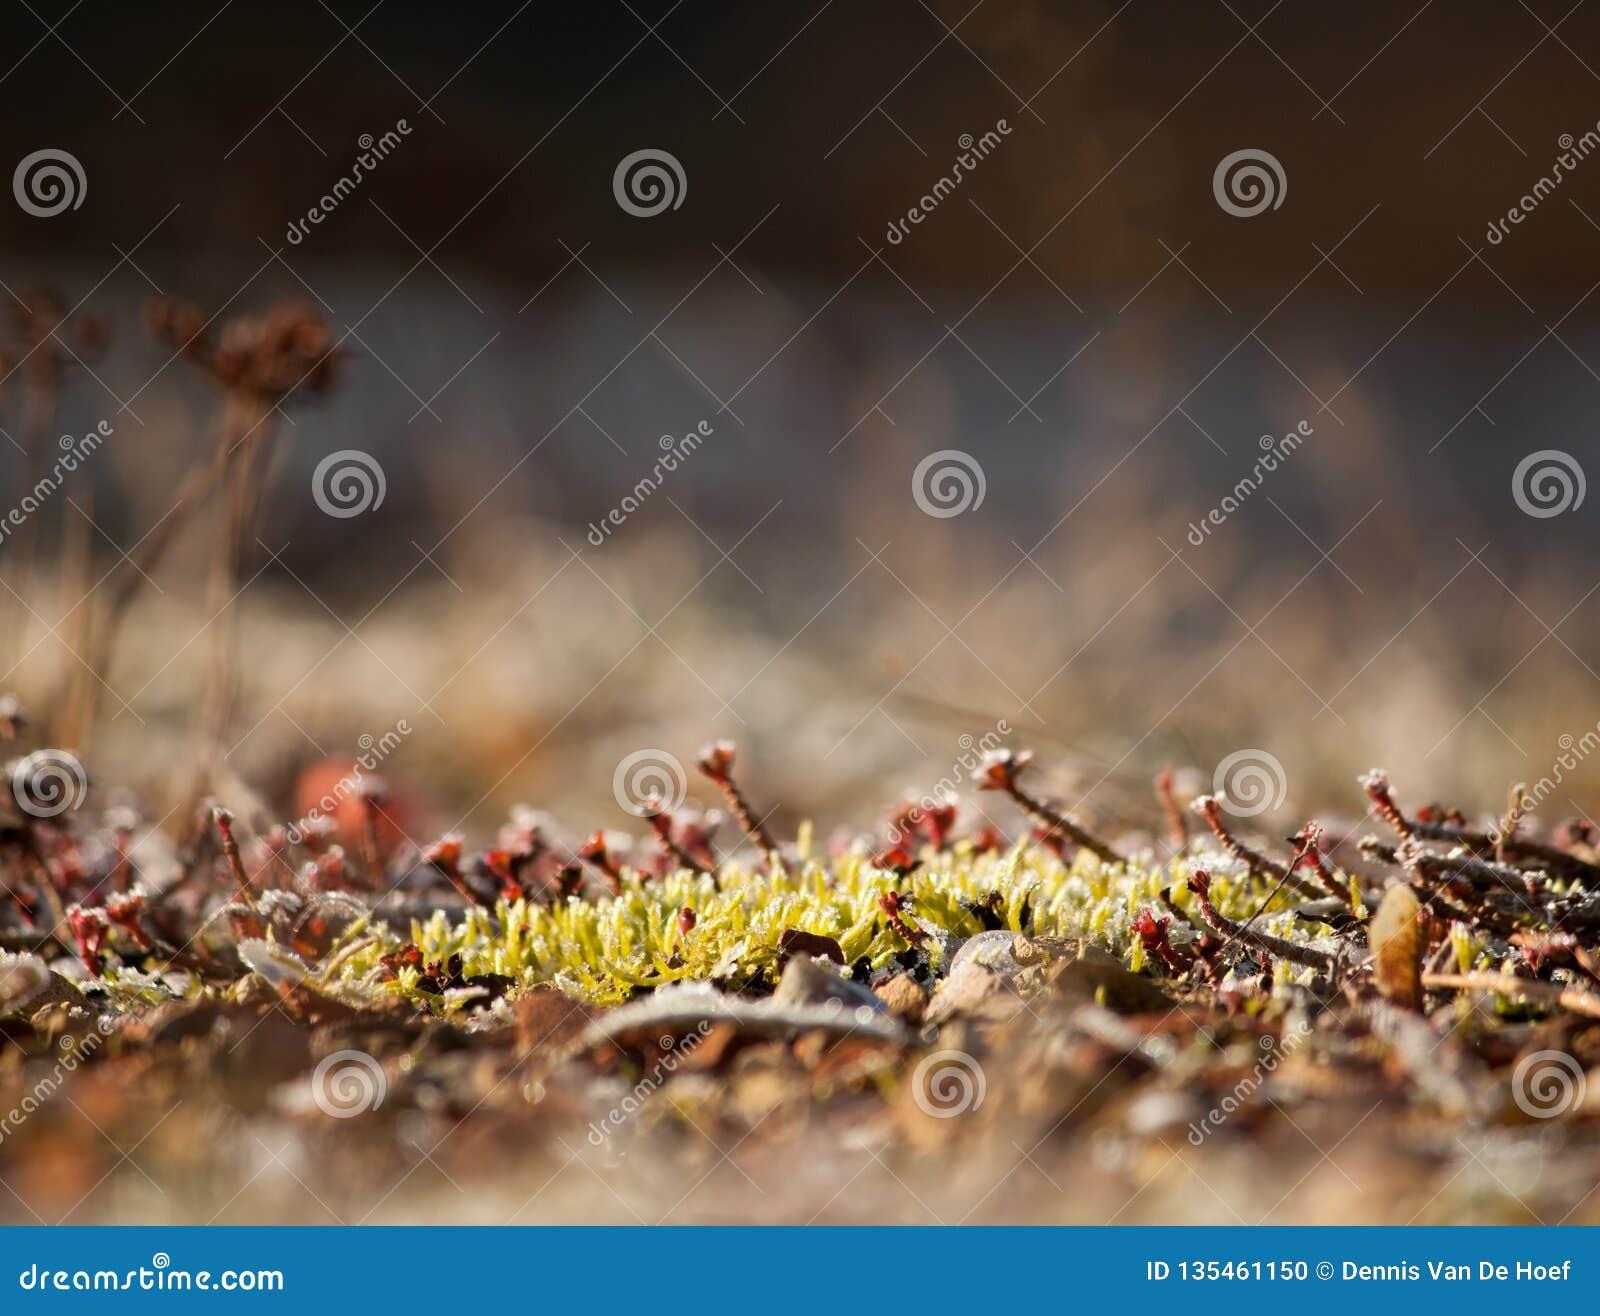 Frozen moss.